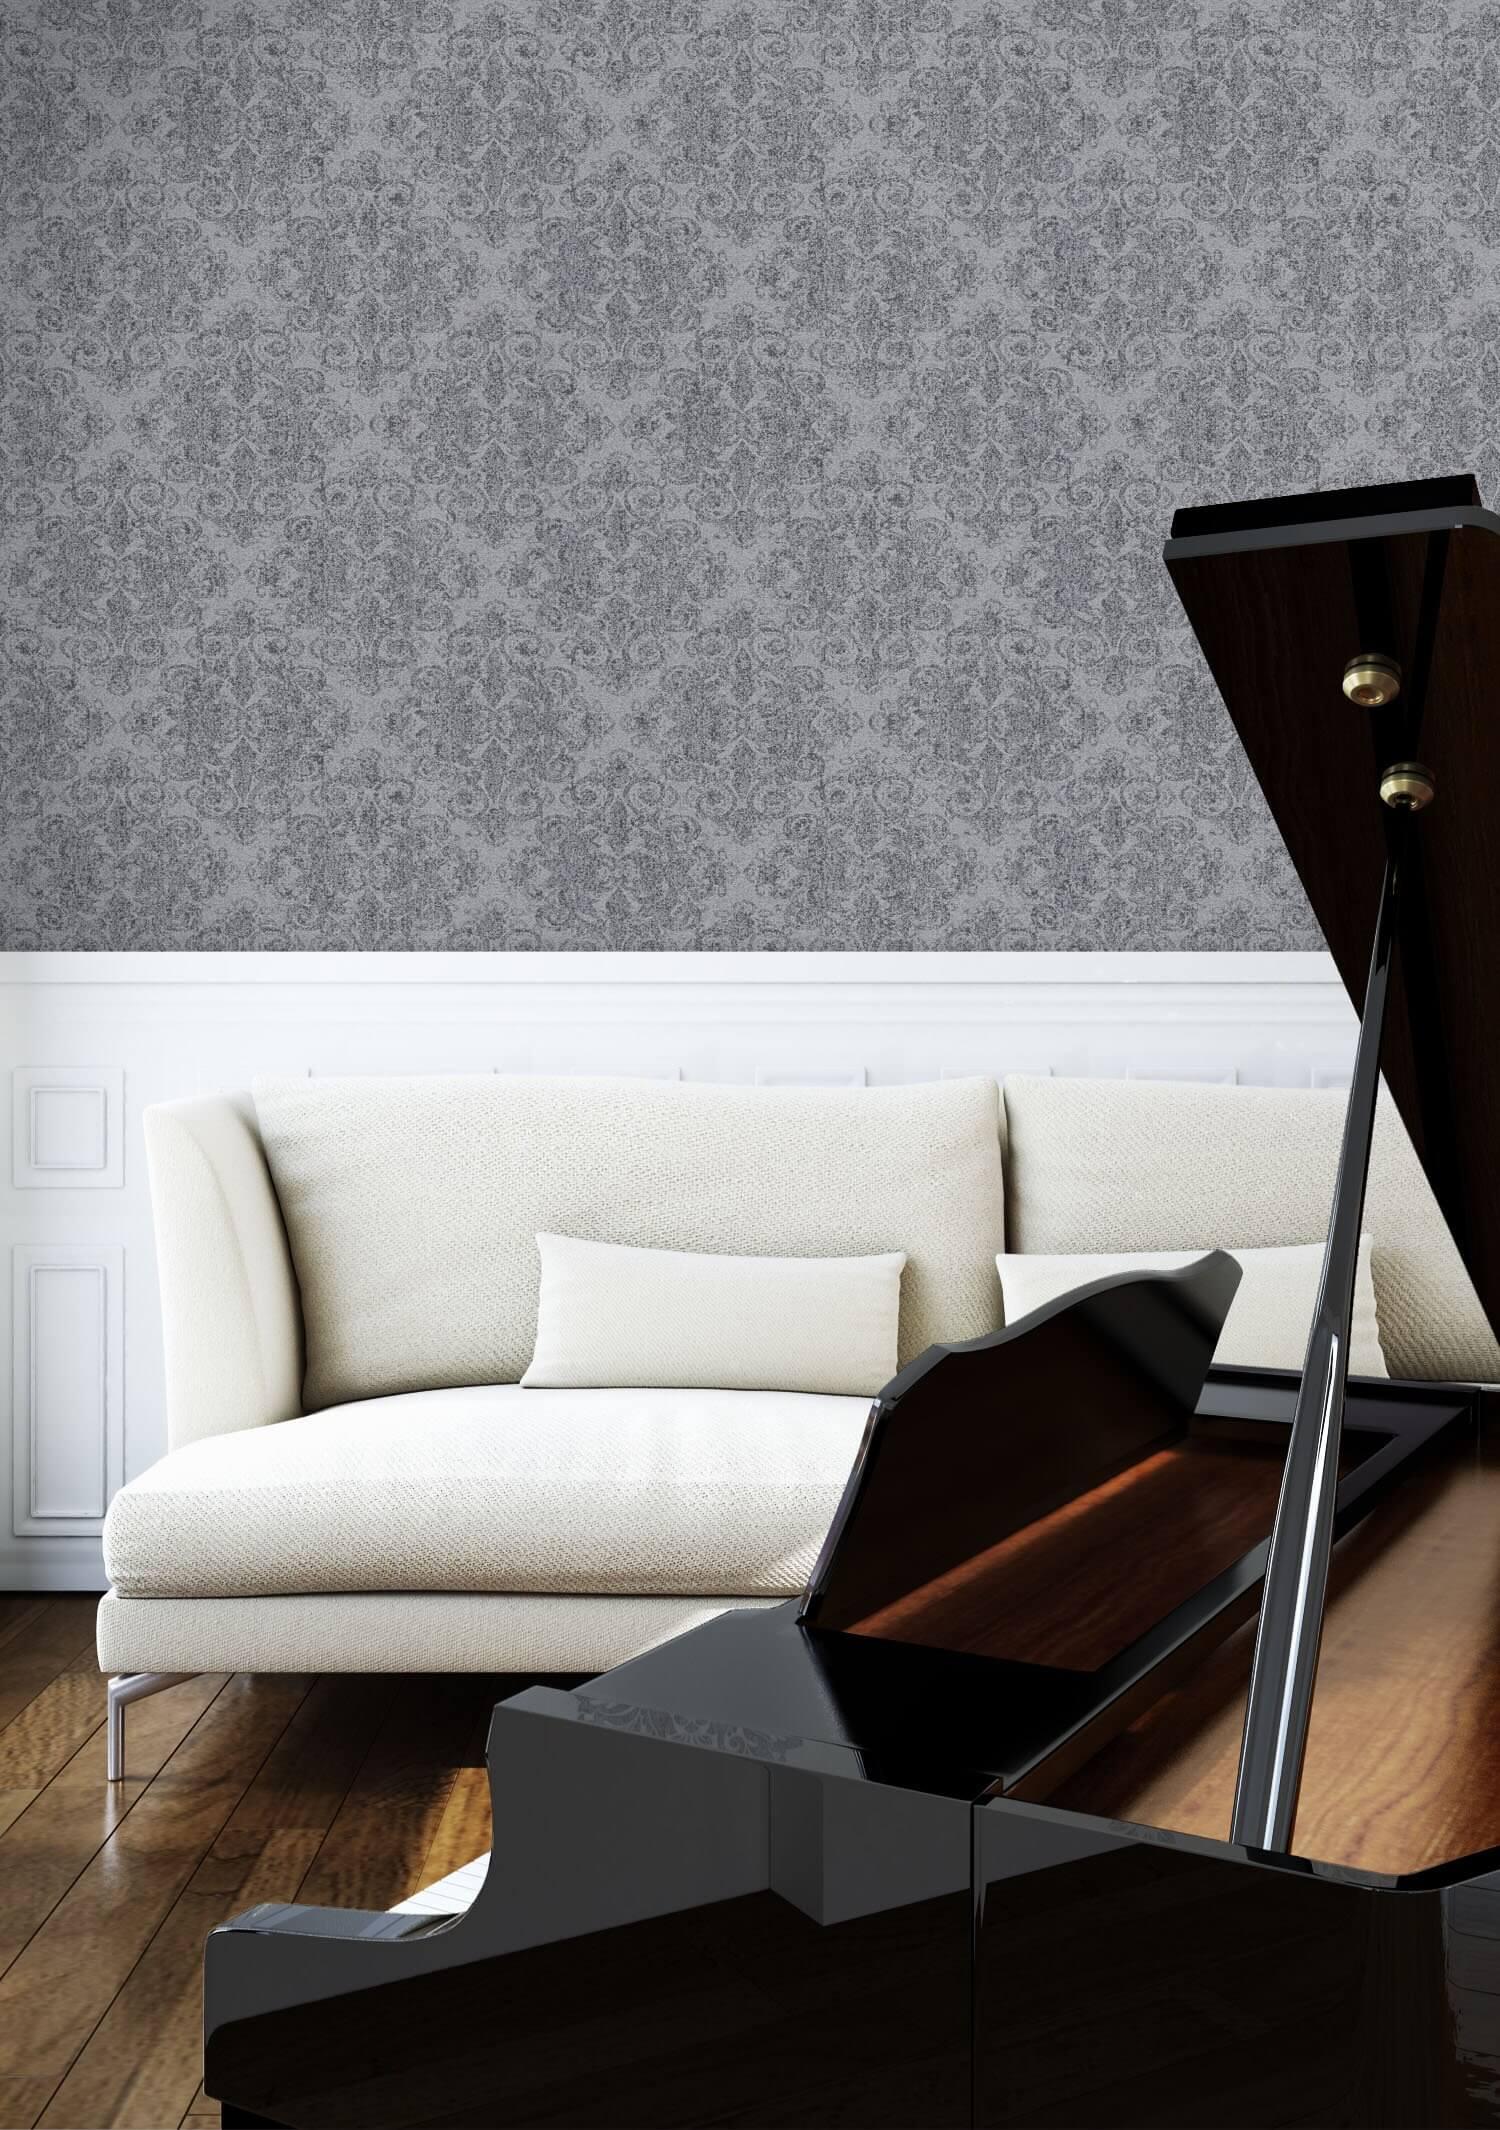 Vliestapete grau landhaus barock neo klassik diele flur k che schlafen wohnen newroom - Klavier fliesen ...